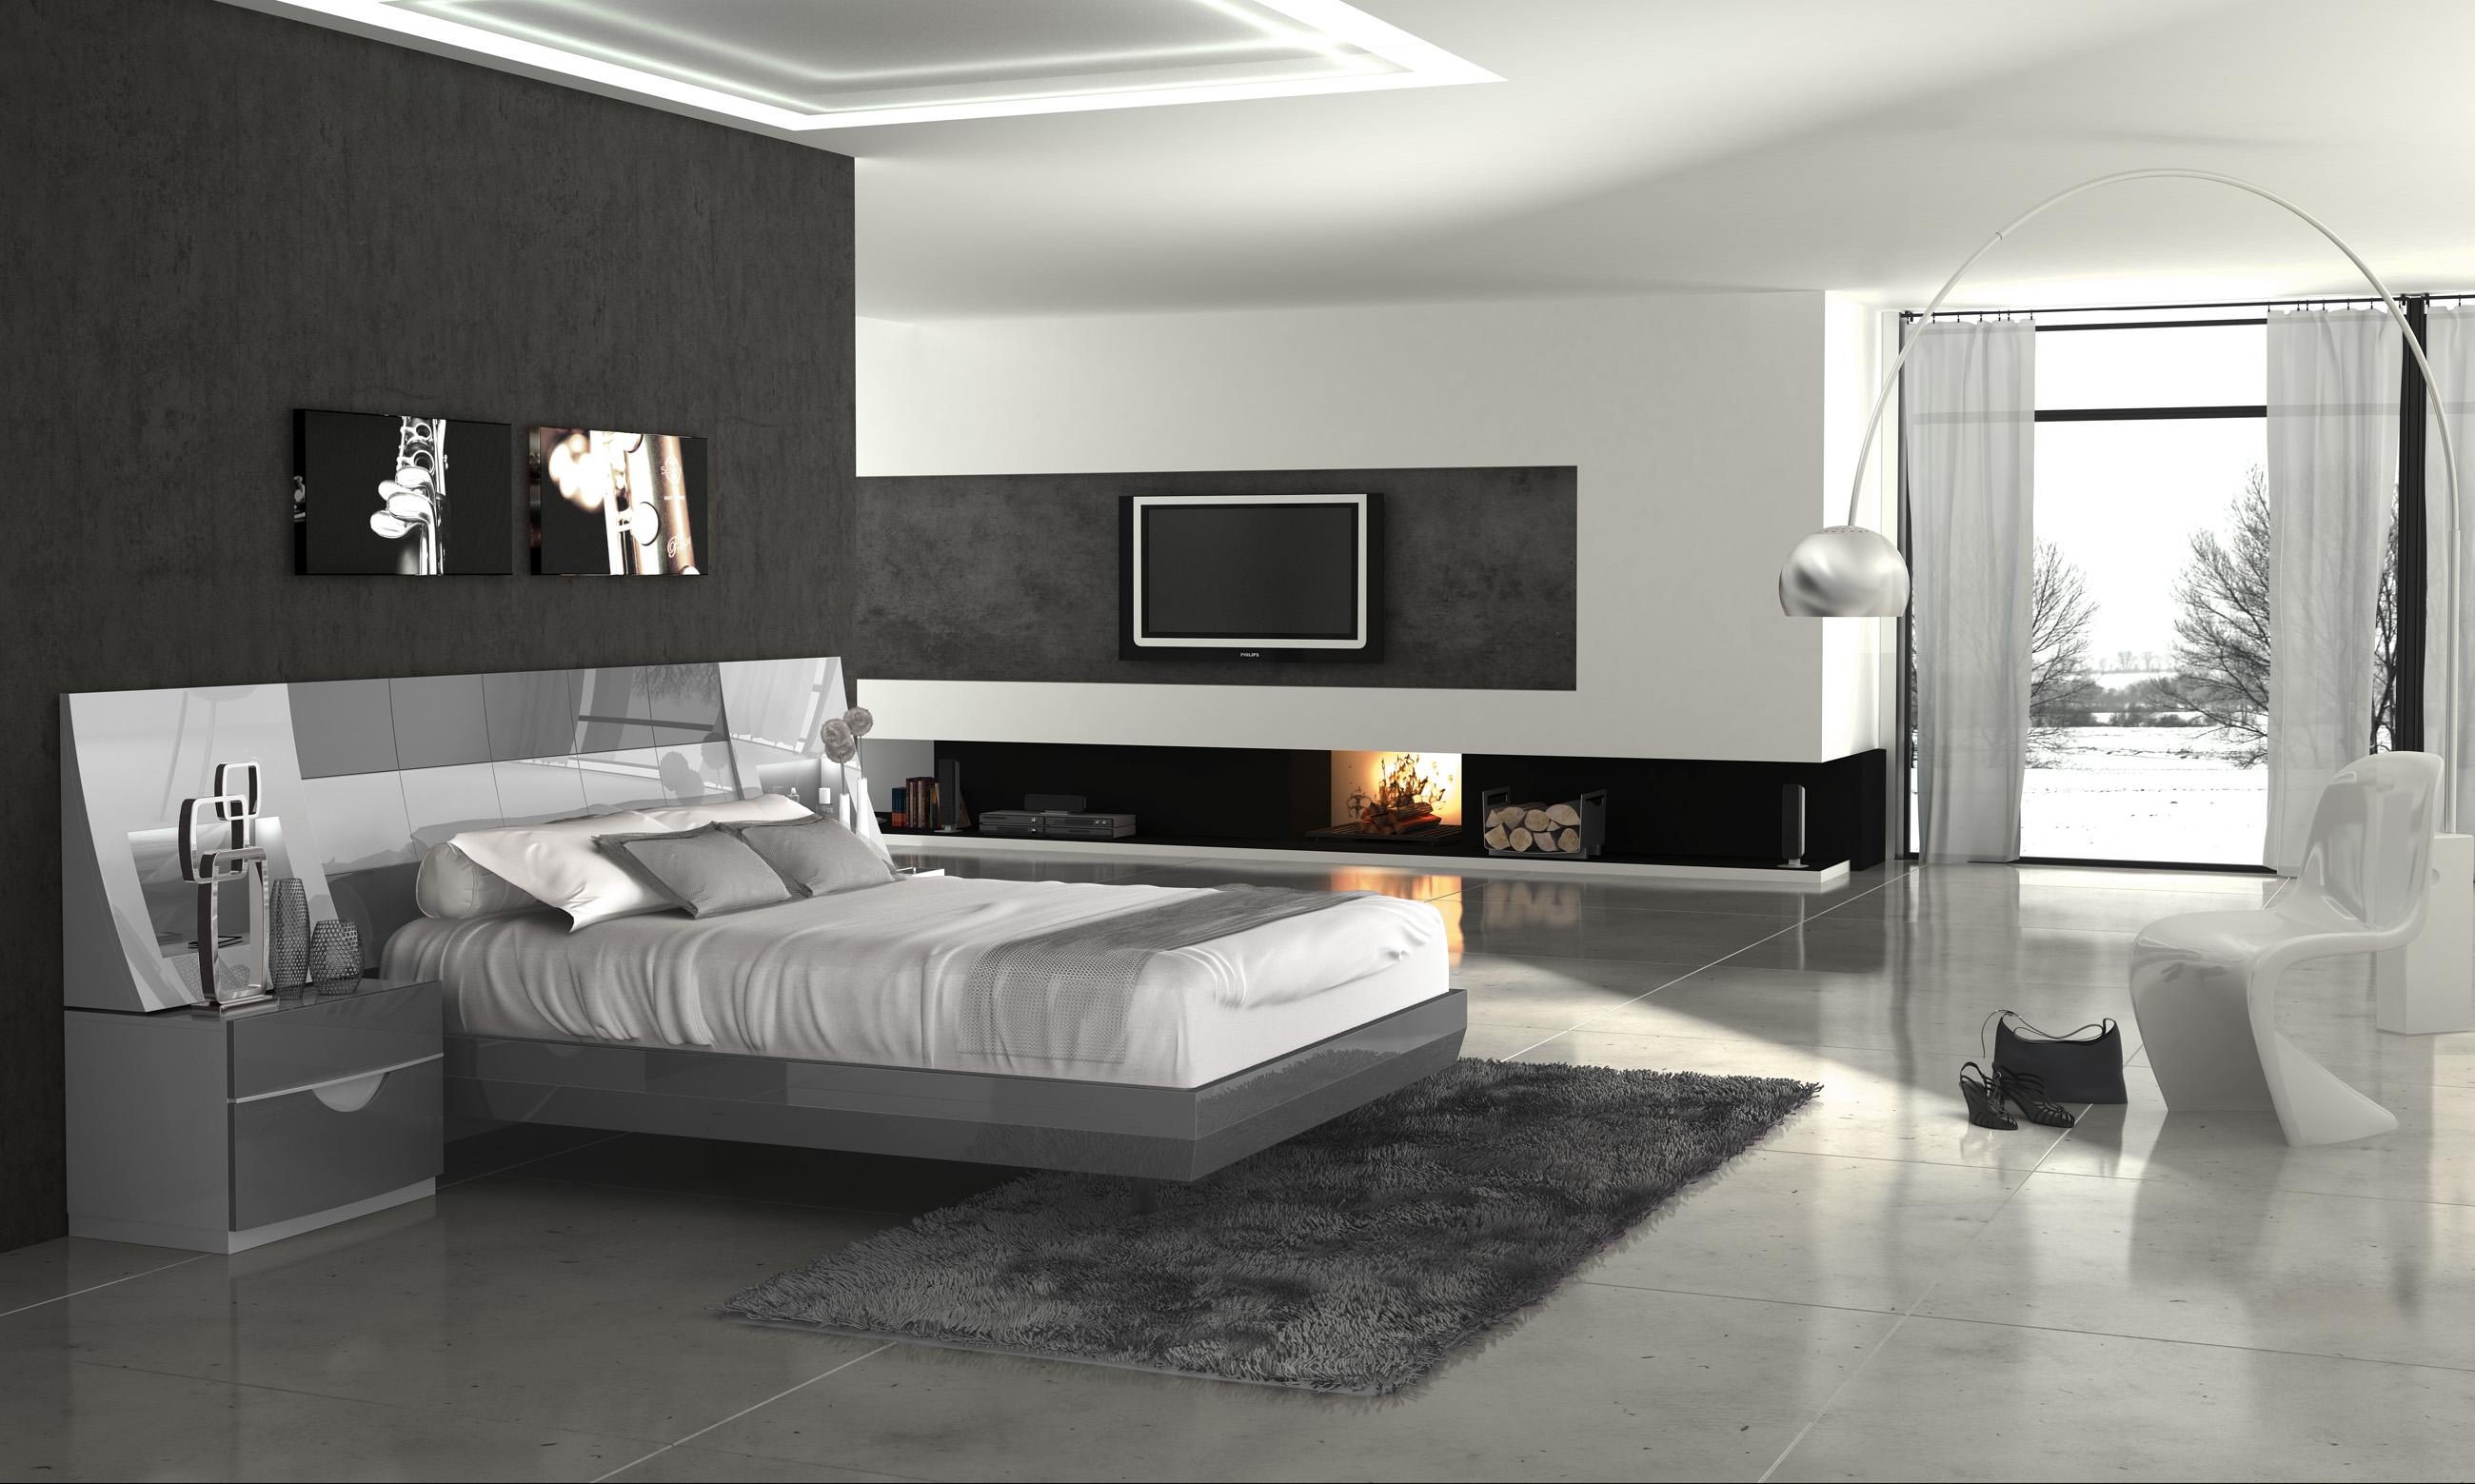 Dormitorio fenicia interiorismo dise o de dormitorios e interiores en valencia - Decoracion de diseno moderno ...